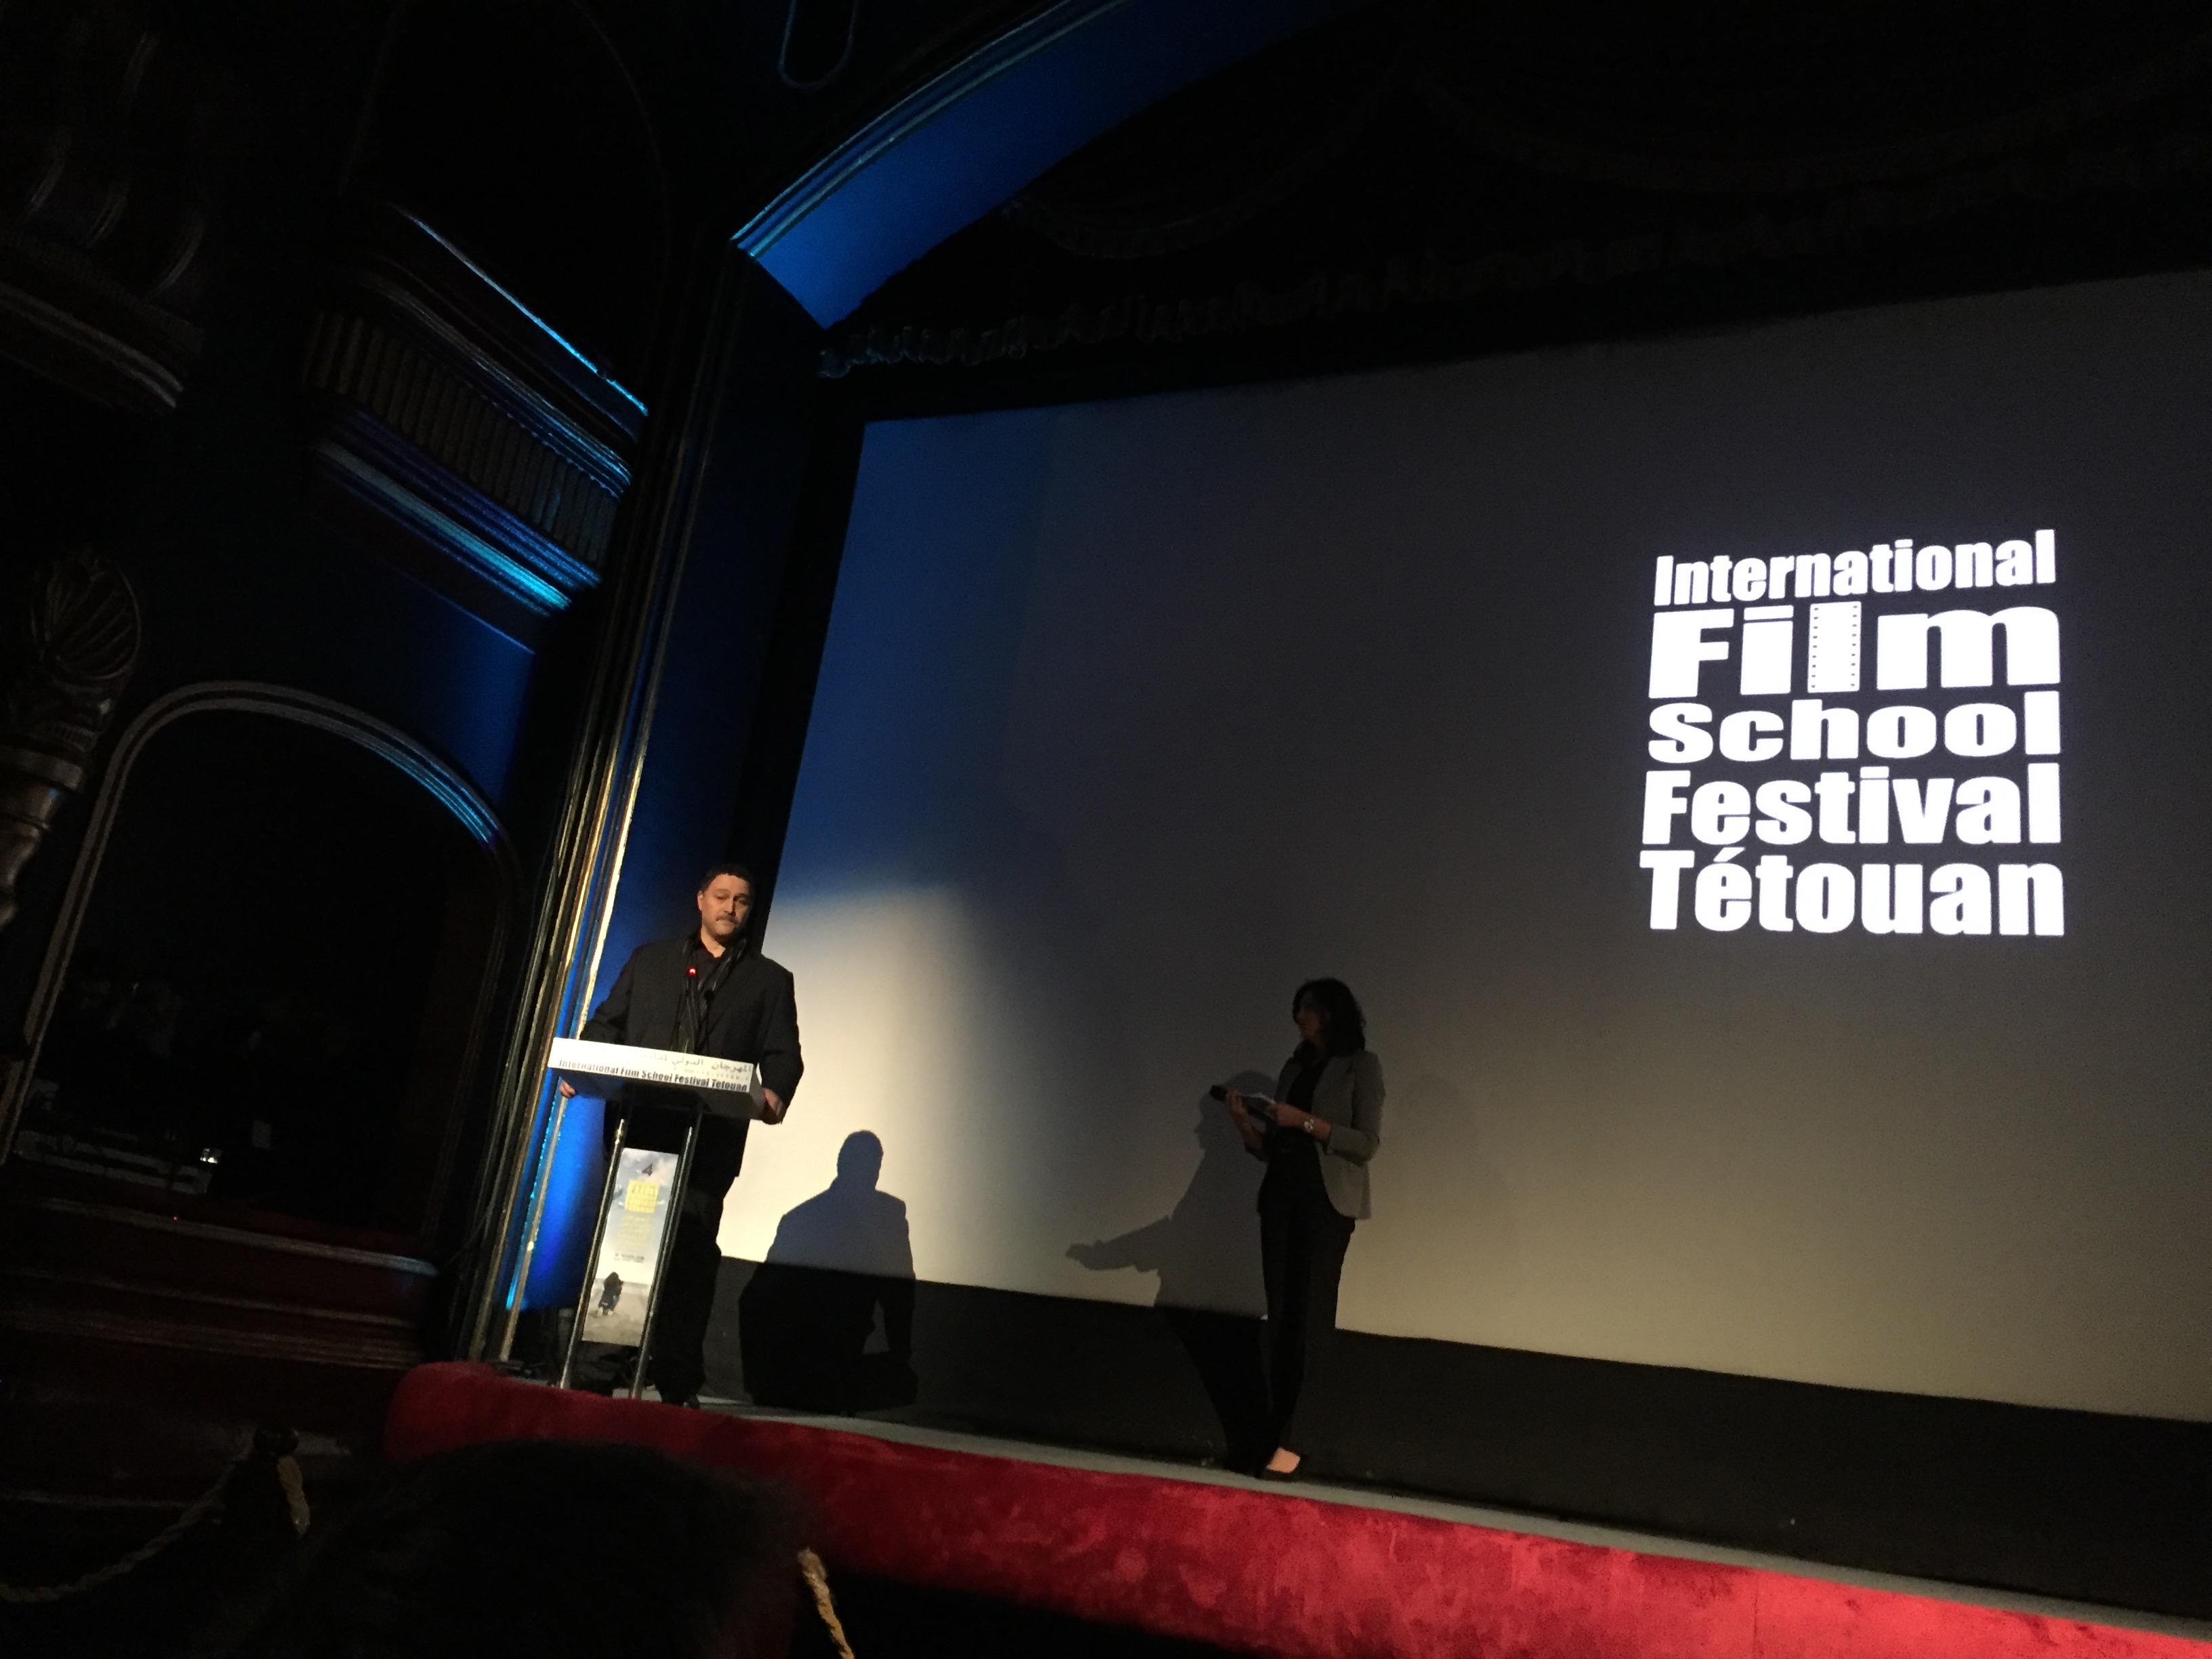 Nouvelle édition du Festival international des écoles de cinéma de Tétouan